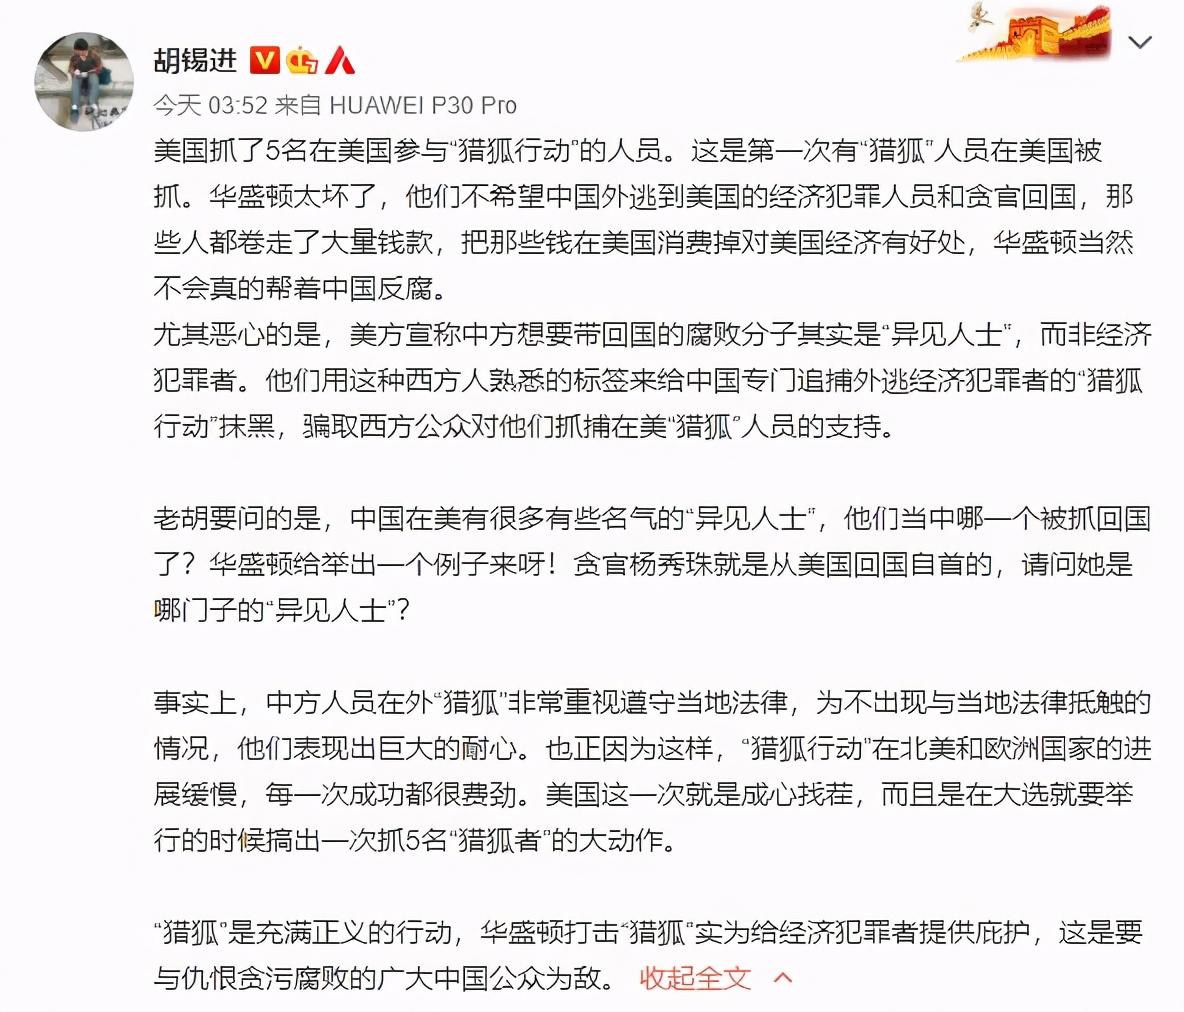 """首次!美国悍然逮捕中国""""猎狐""""人员,胡锡进炮轰与中国人民为敌"""